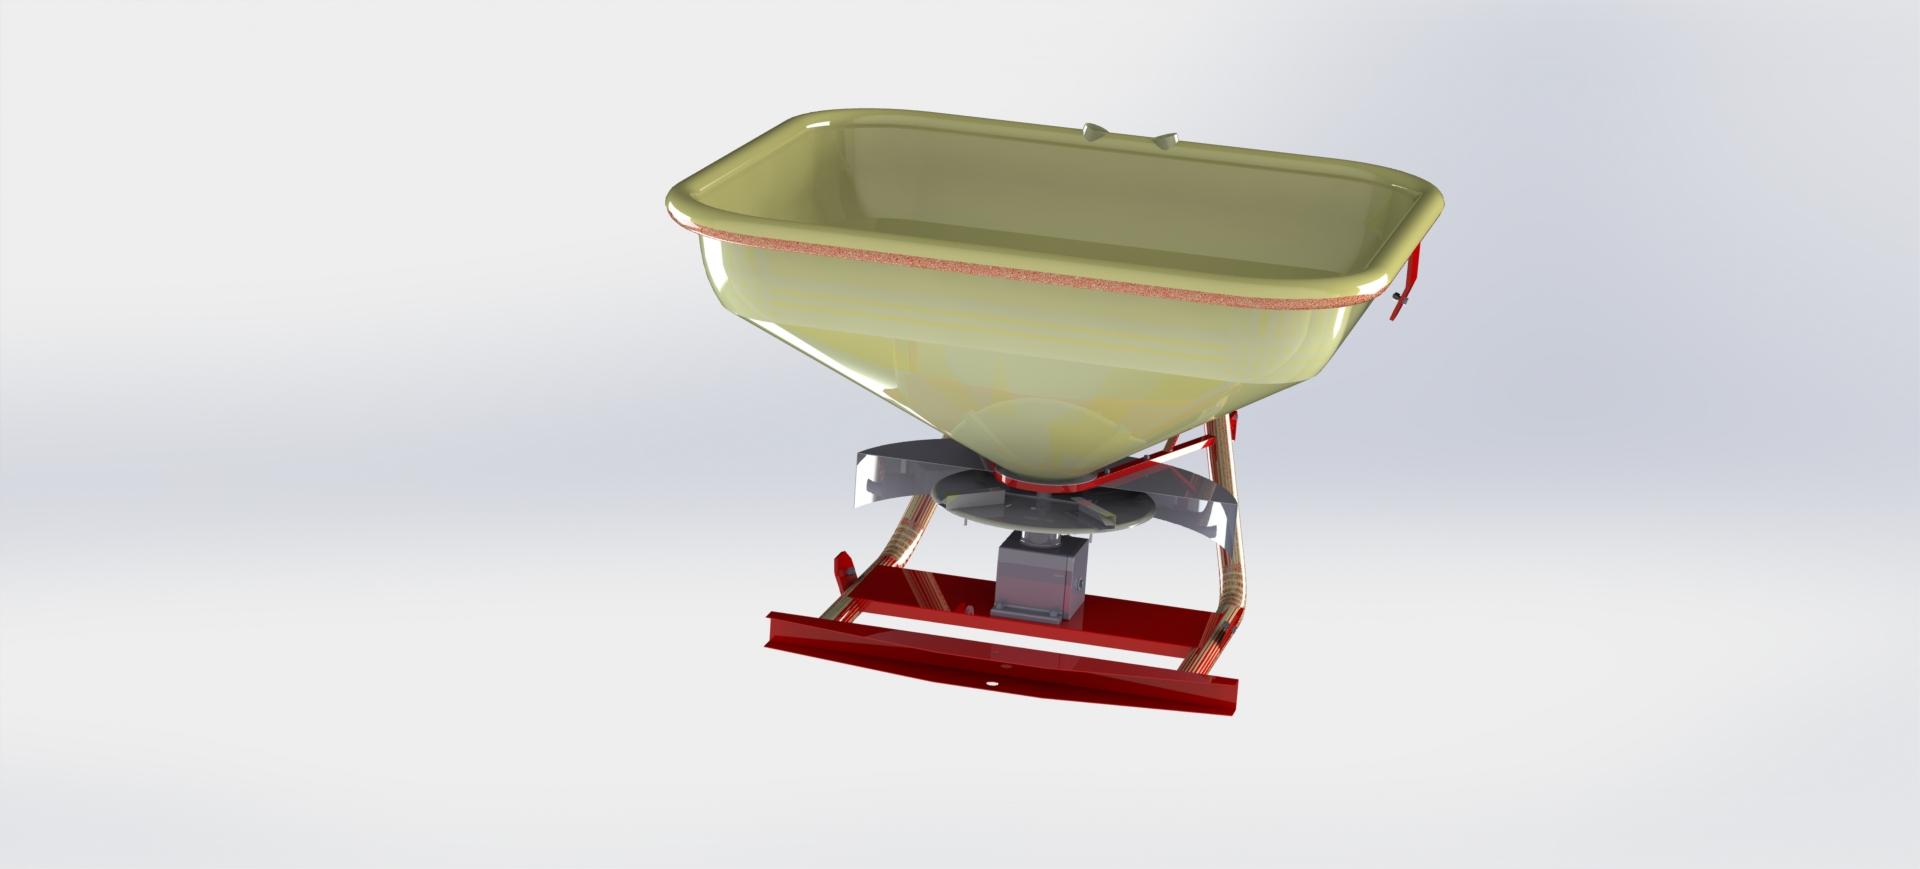 دانلود پروژه طراحی شده کودپاش بذرپاش در نرم افزار کتیا ( catia )   تلماتو